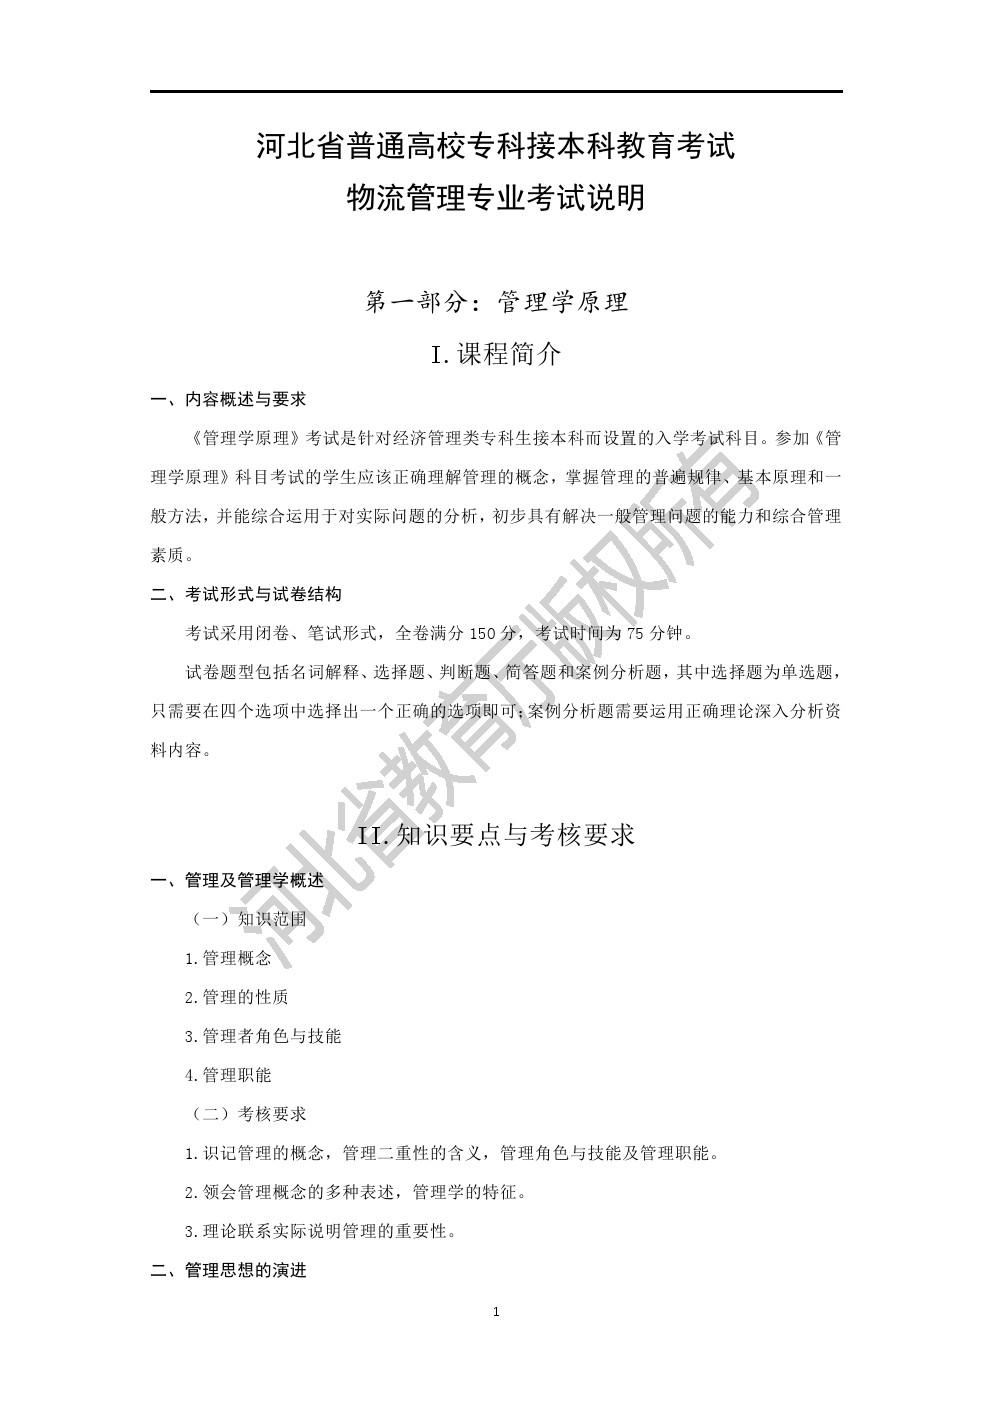 2020年河北省专接本考试经管类-物流管理专业考试说明(管理学原理、物流学)